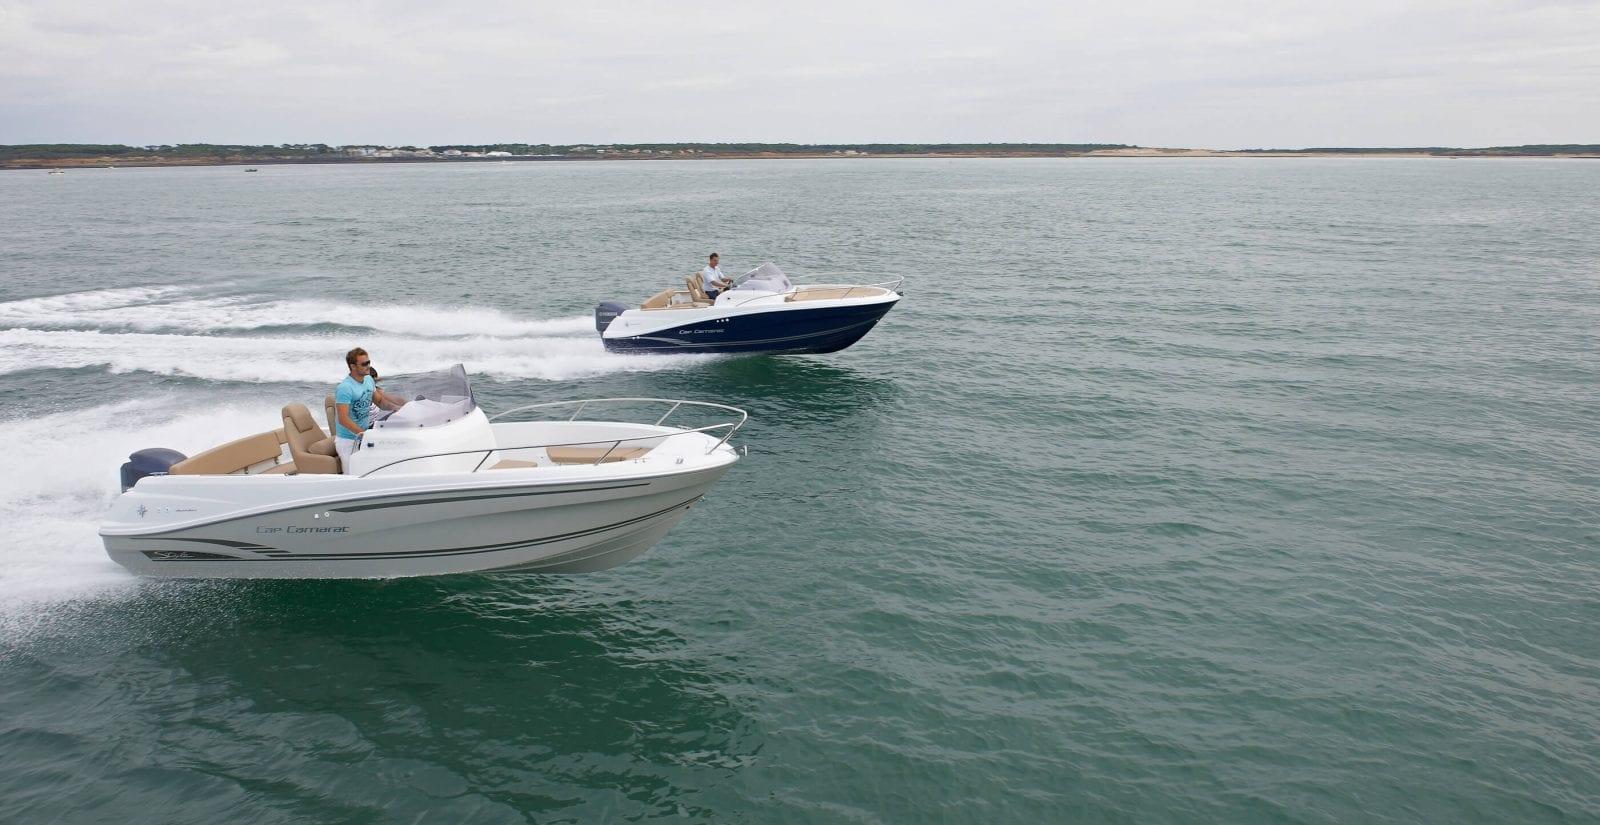 סירת מנוע Jeanneau Cap Camarat 6.5WA - סירת מנוע Jeanneau Cap Camarat 6.5WA - סטרים יאכטות